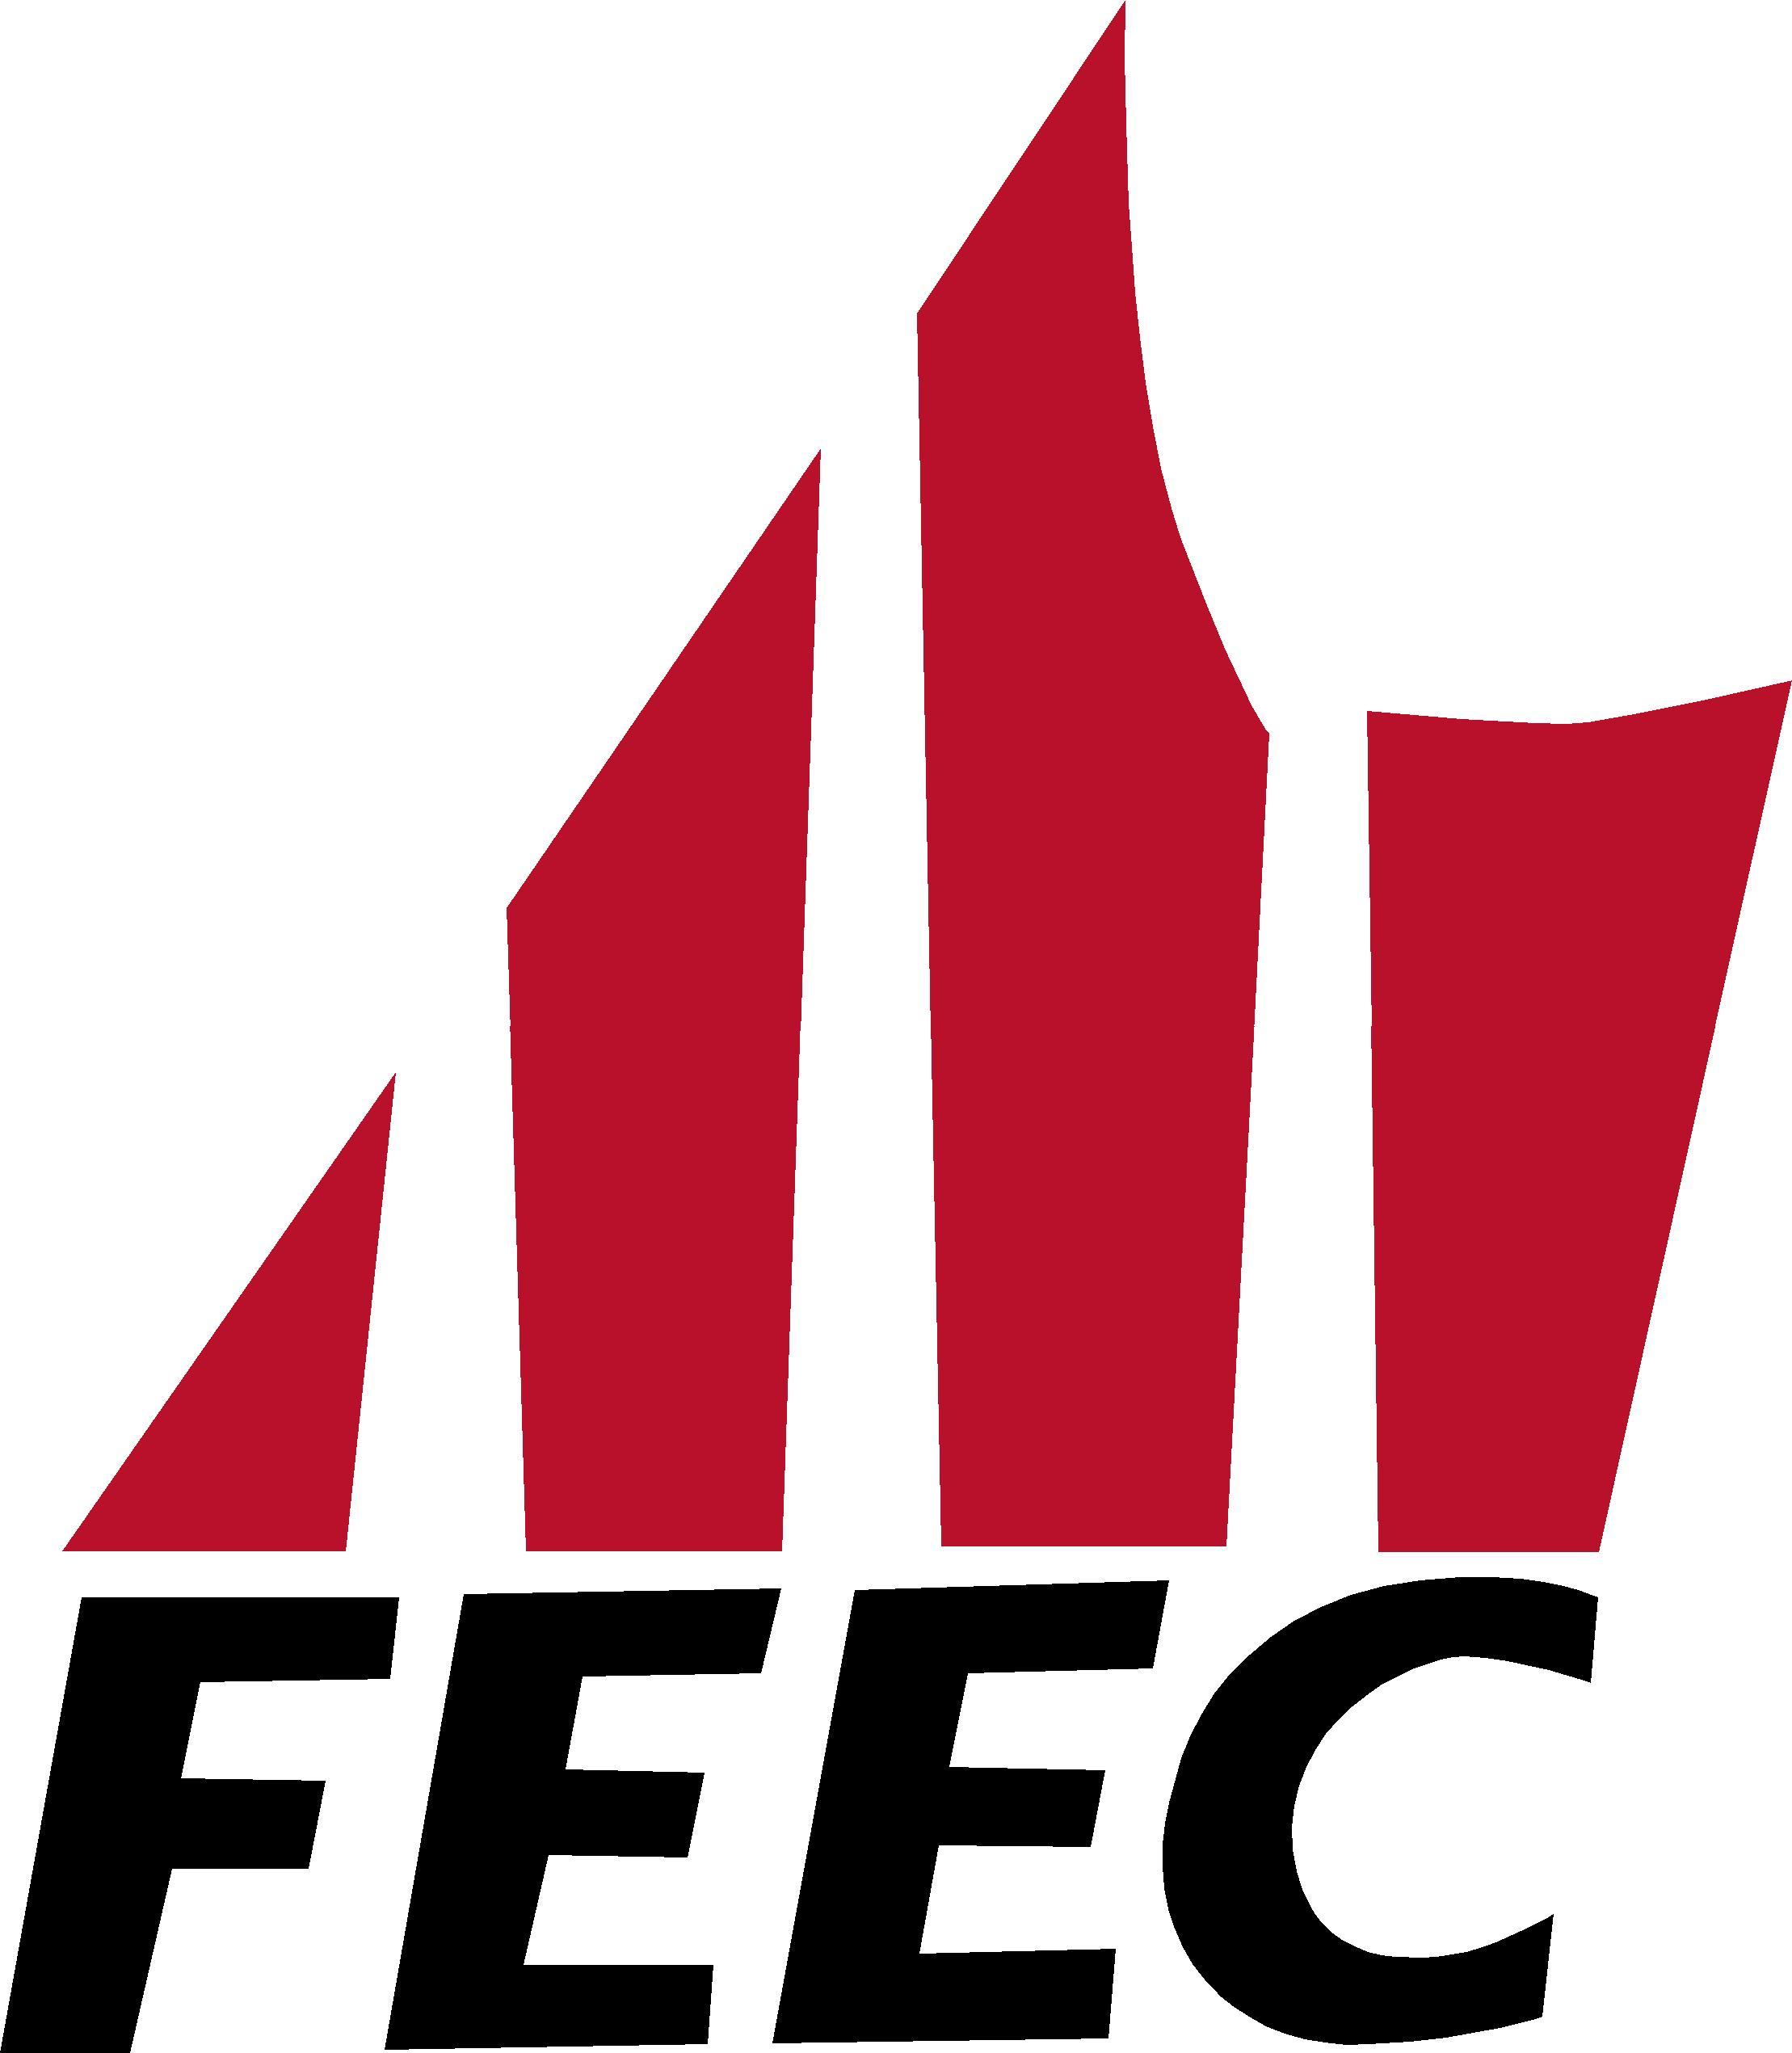 Eleccions a la FEEC